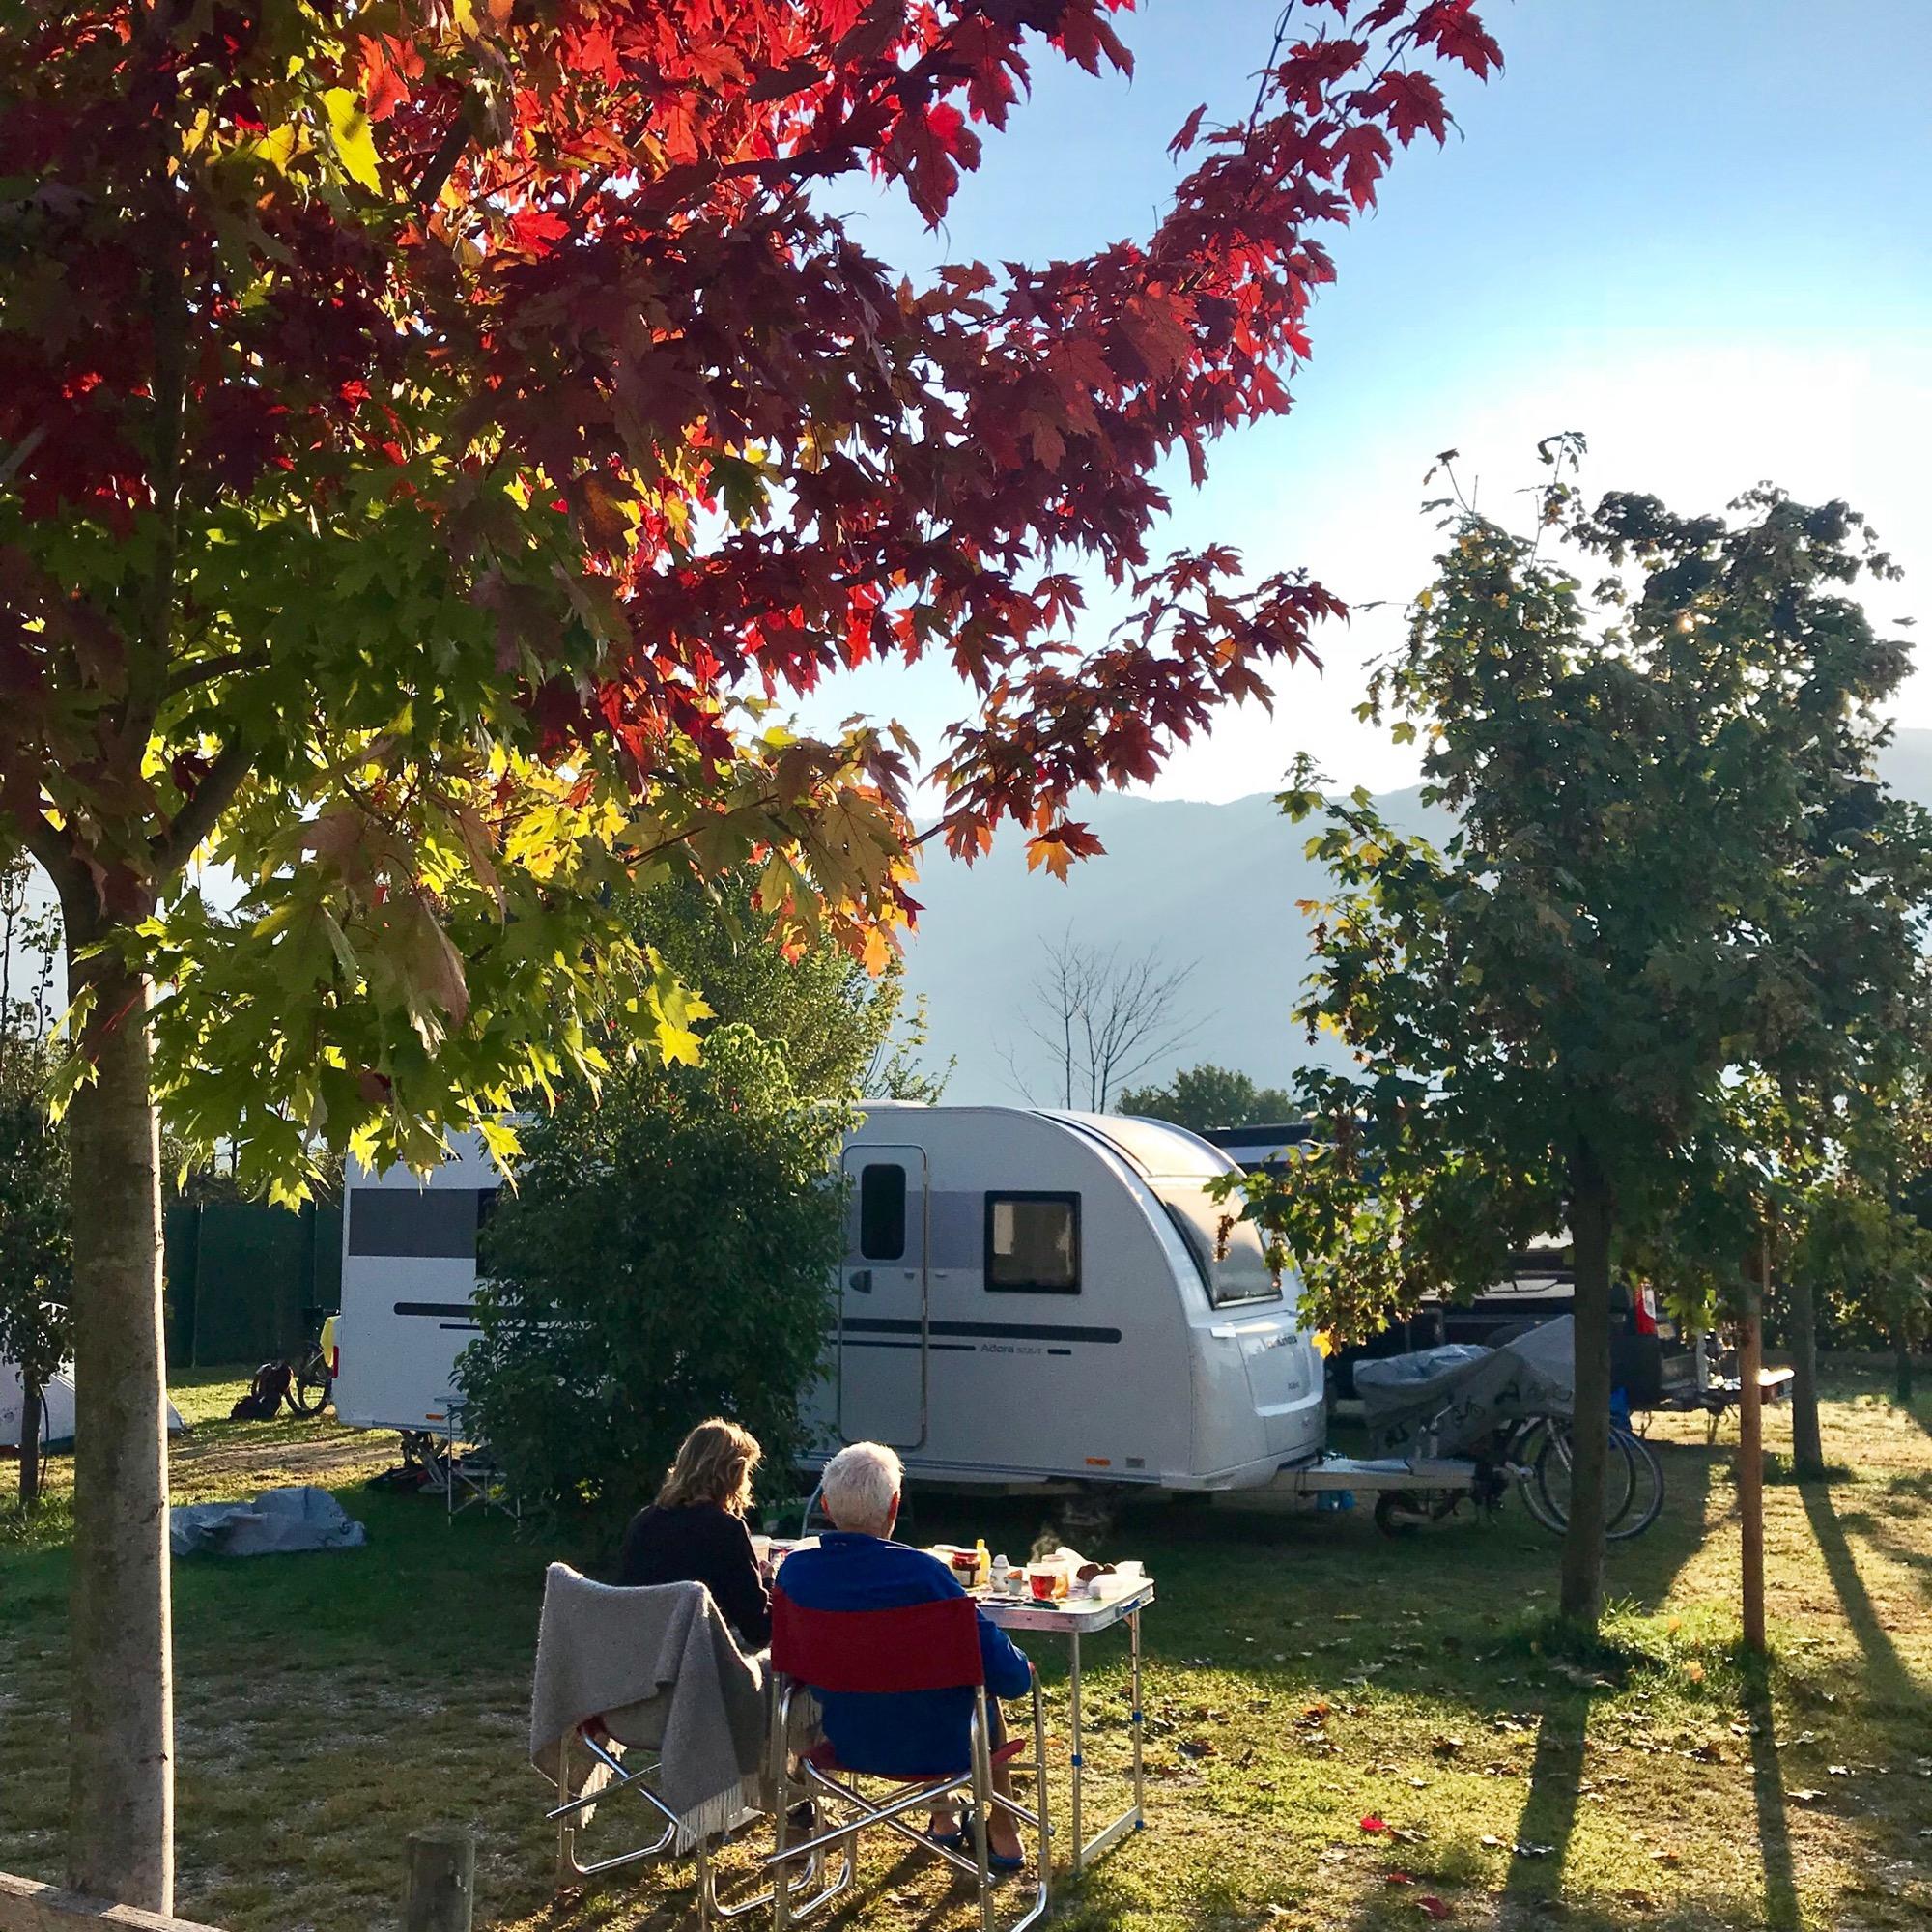 Autumn Lakes Apartments: Arco Bed And Camping, Appartamenti E Campeggio, Arco, Lago